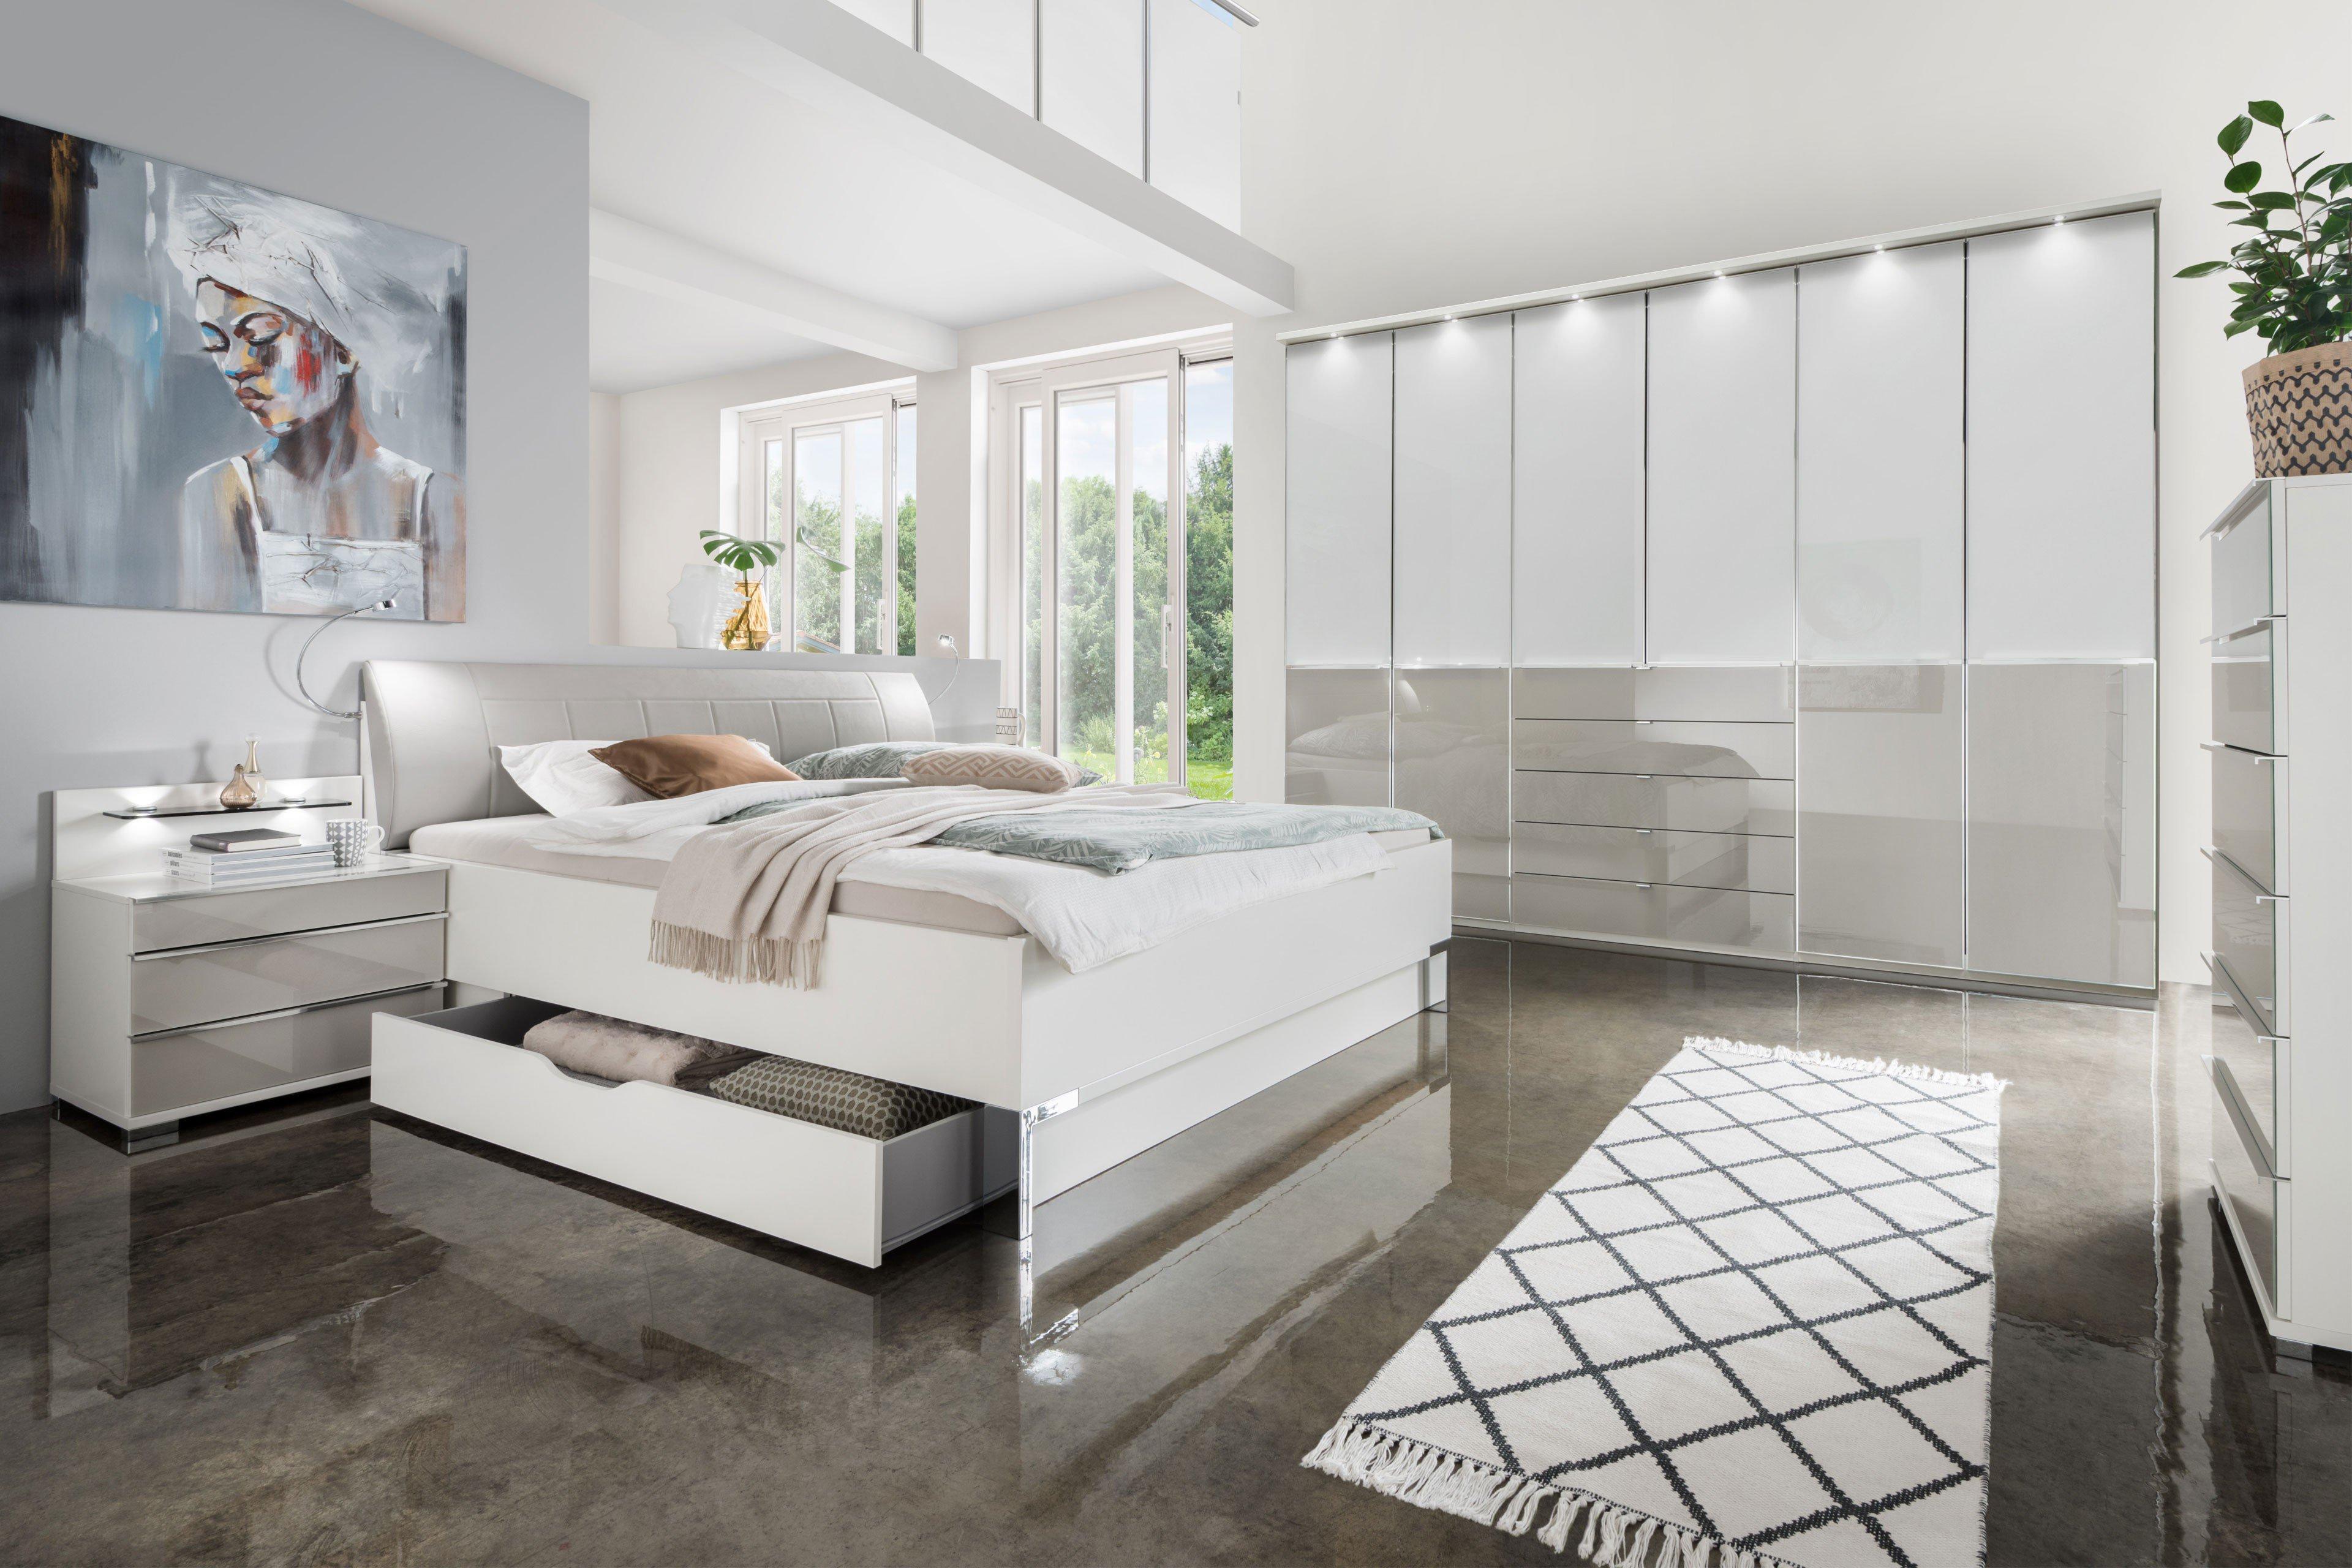 Wiemann Schlafzimmer Shanghai 2 weiß - kieselgrau | Möbel Letz - Ihr ...